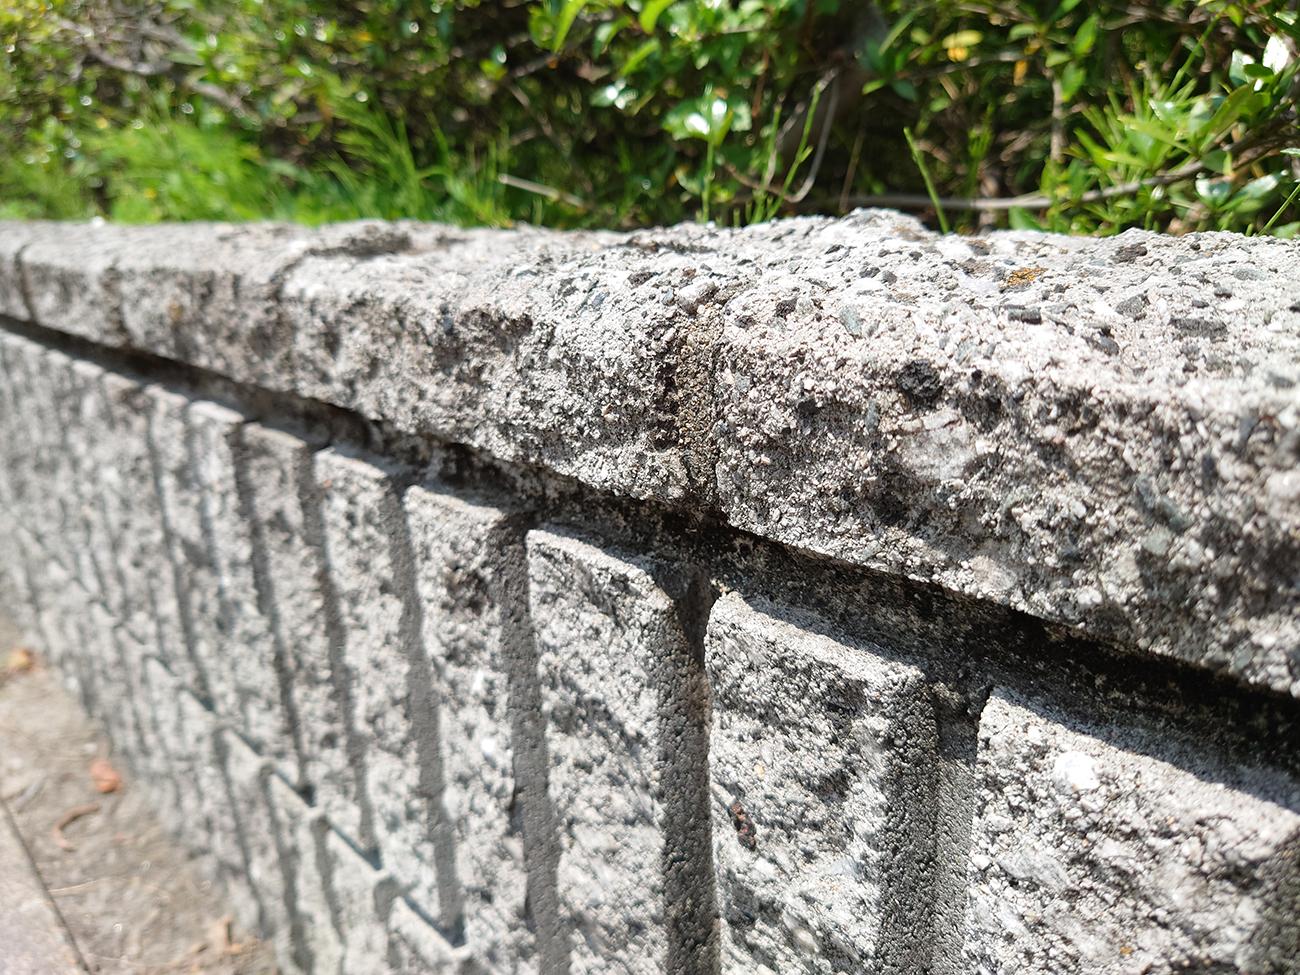 Xperia1iiで撮影した石